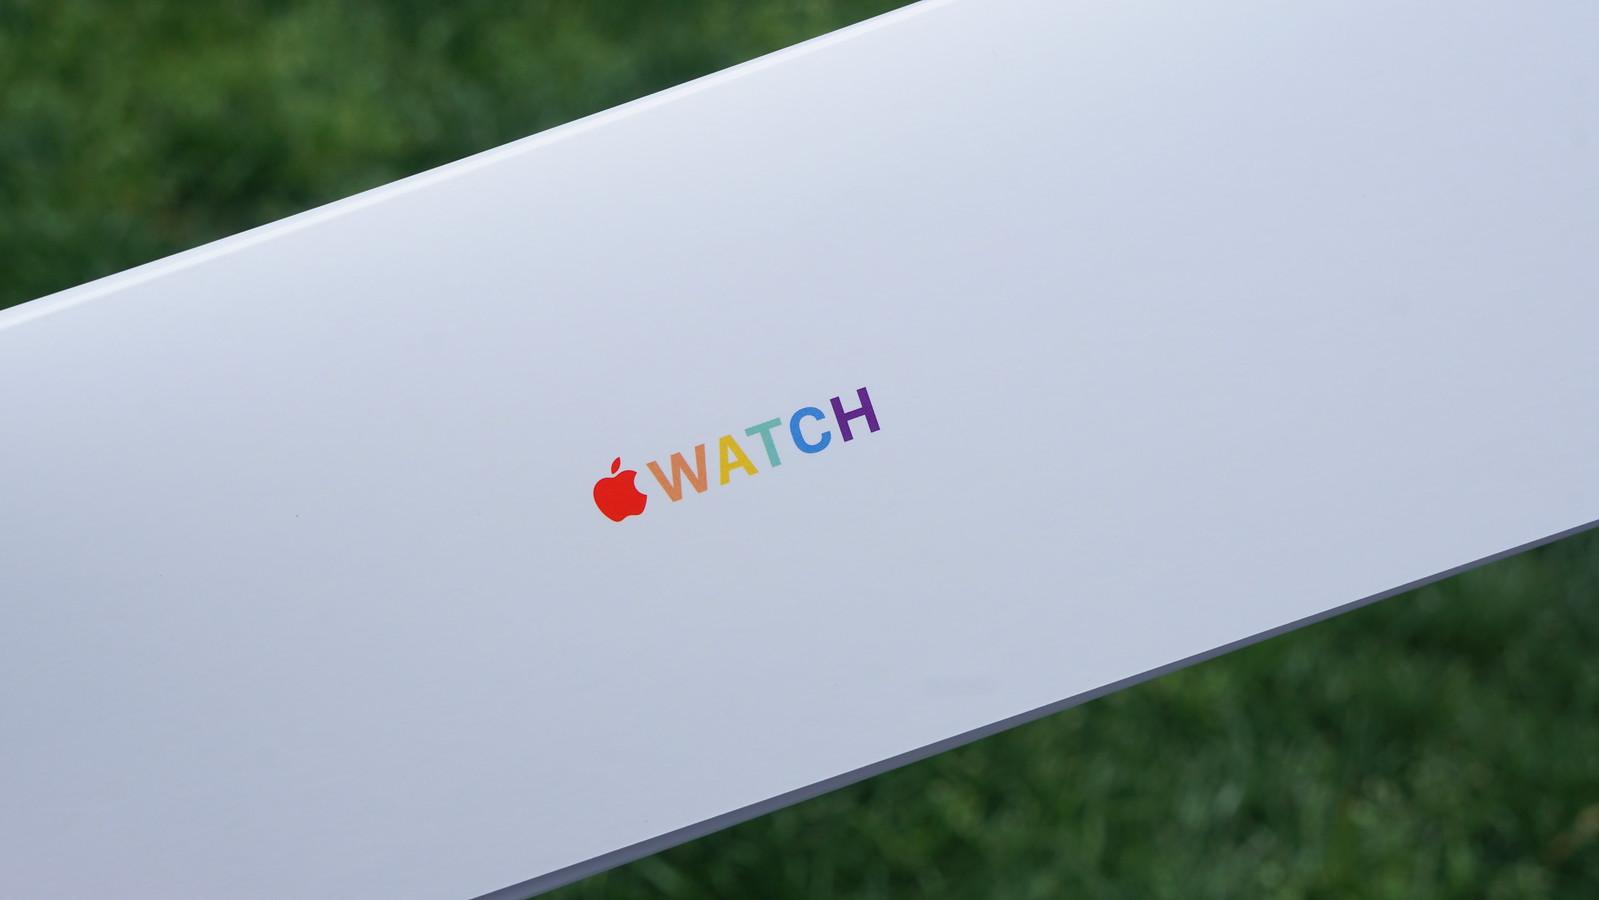 Apple Watch プライドエディションブレイデッドソロループのパッケージにはレインボーカラーのApple Watchロゴ